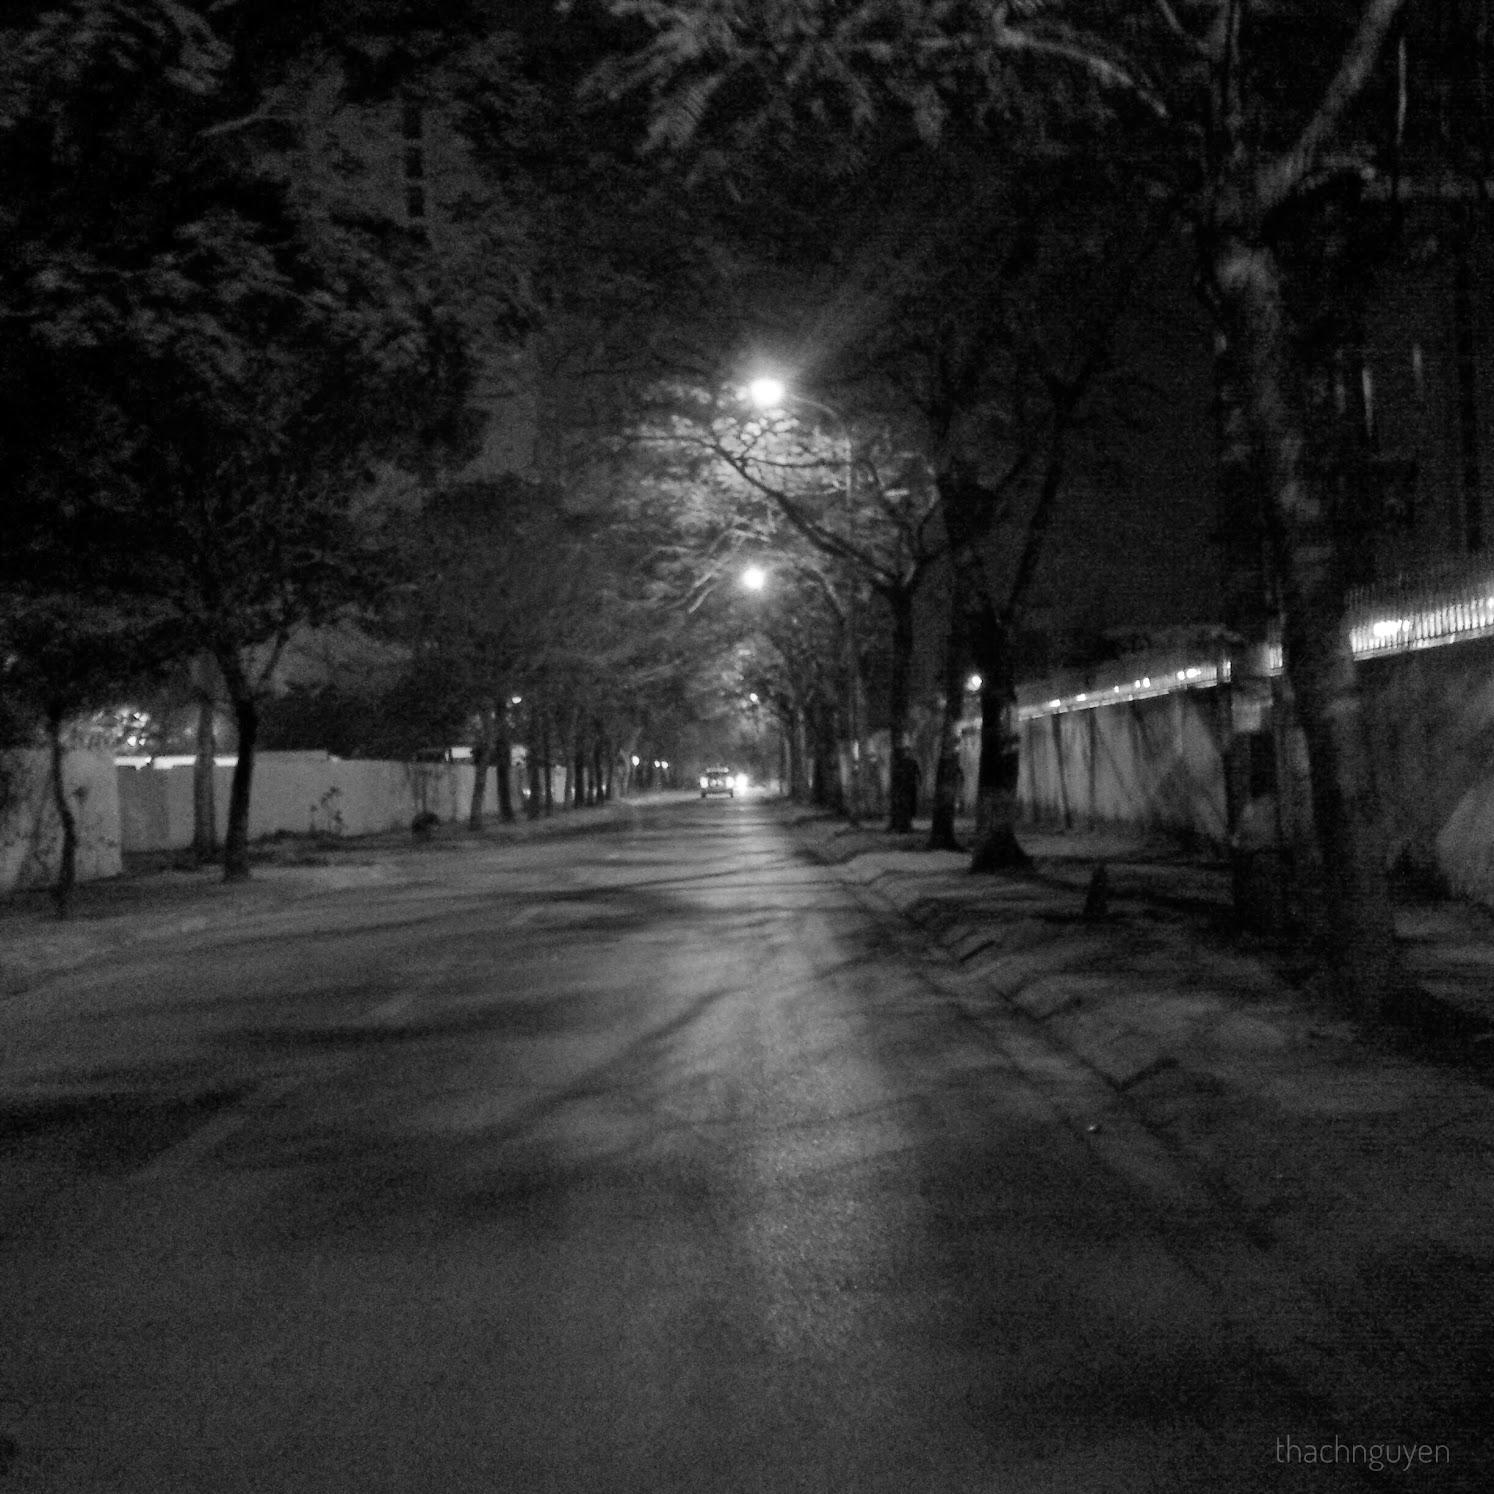 đêm muộn